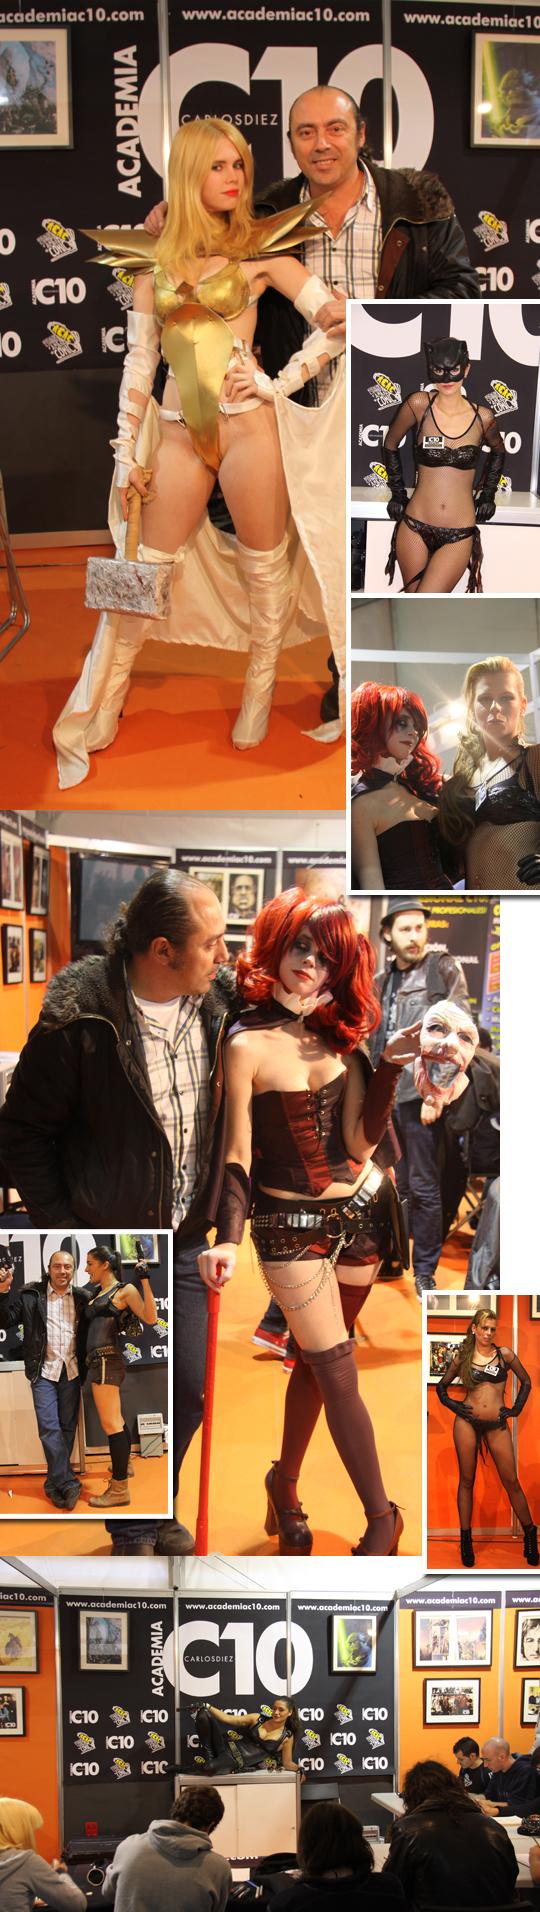 Diseno de moda para Super heroes y heroinas con Carlos Diez  en  Academia C10 de Madrid